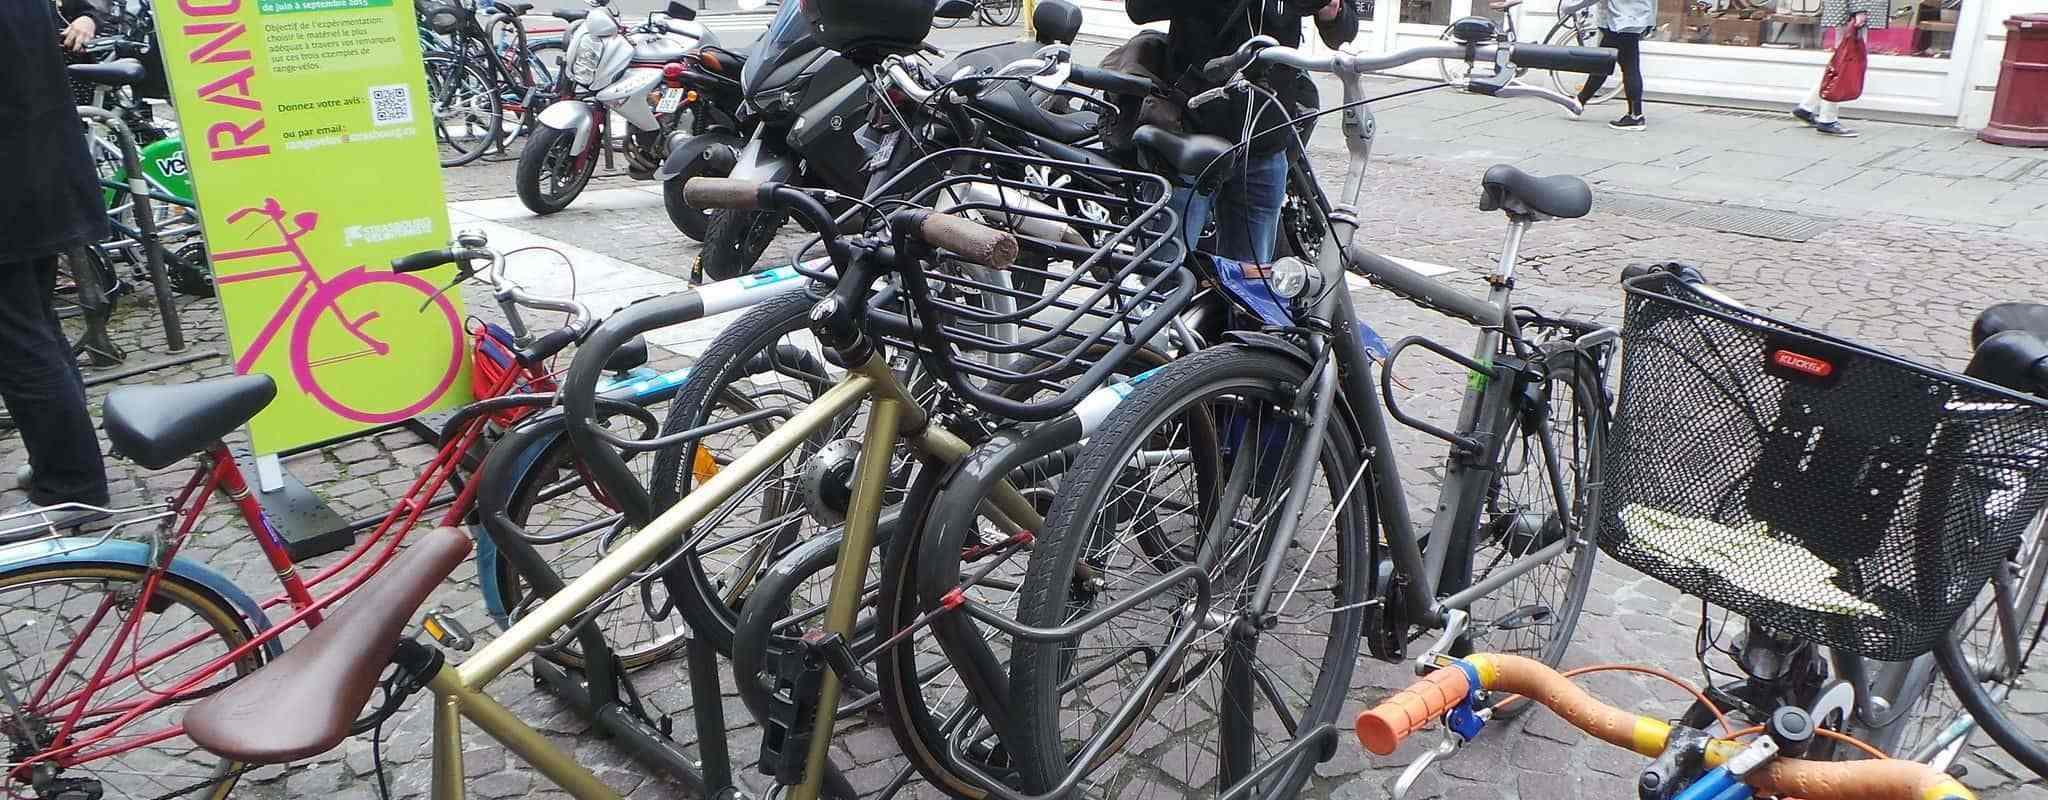 Vigivélo, lancement du dispositif pour retrouver les vélos volés à Strasbourg